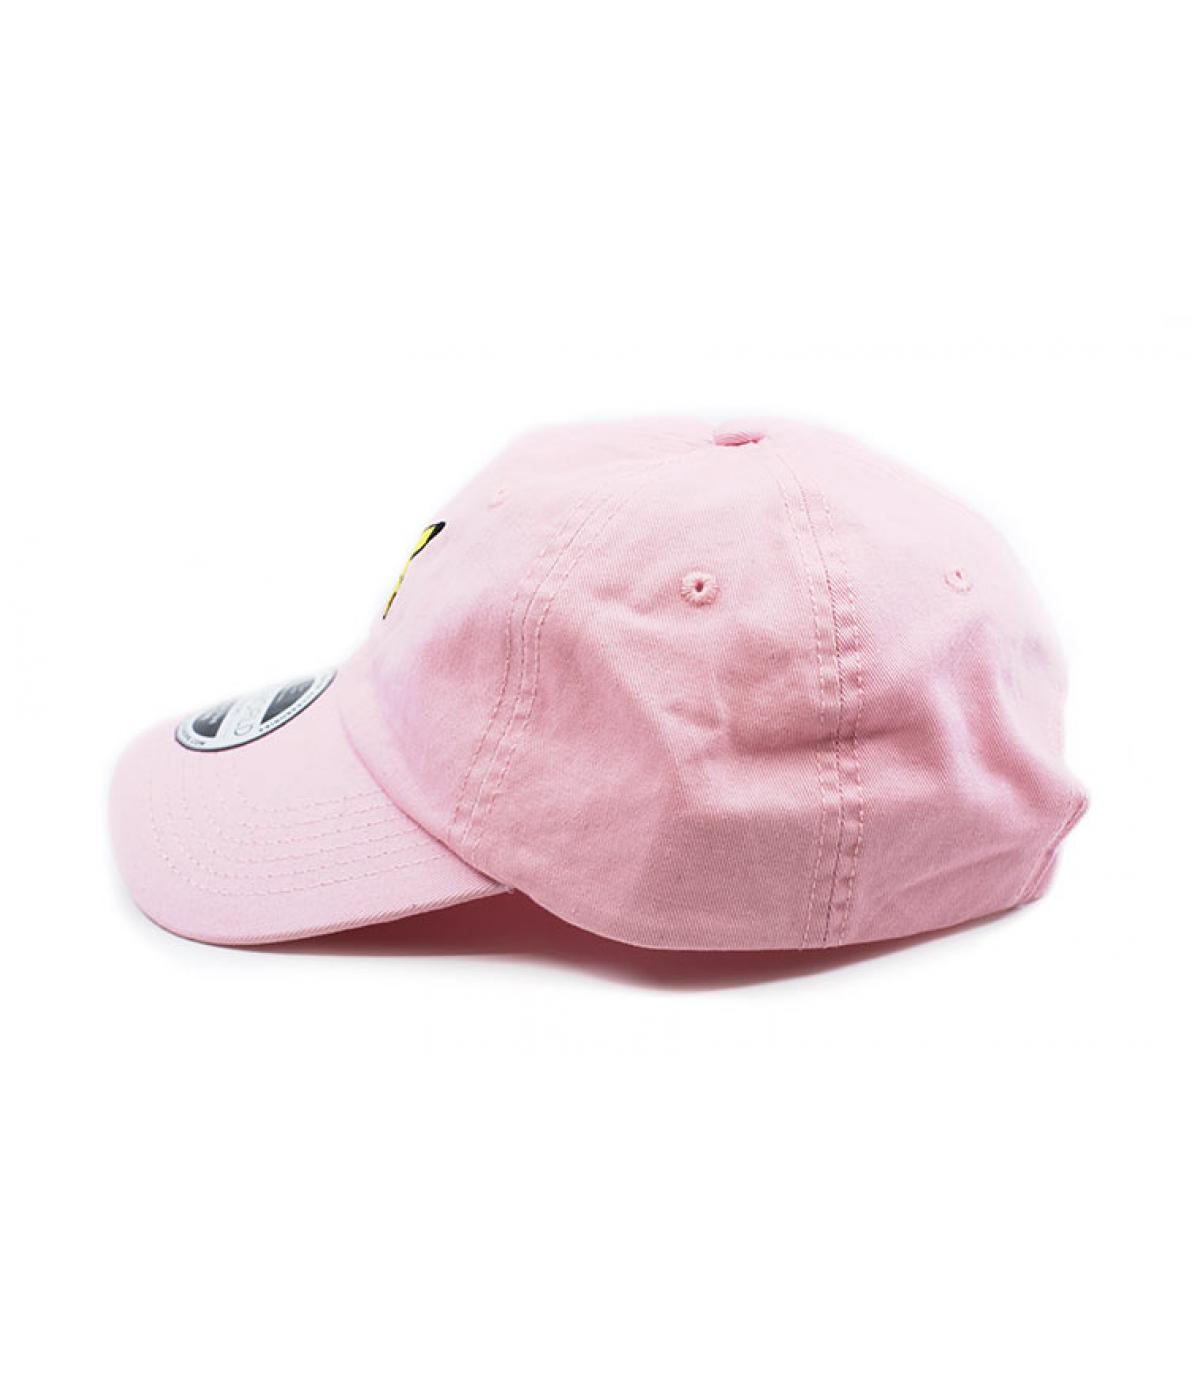 Détails Pikachu Dad Hat pink - image 4